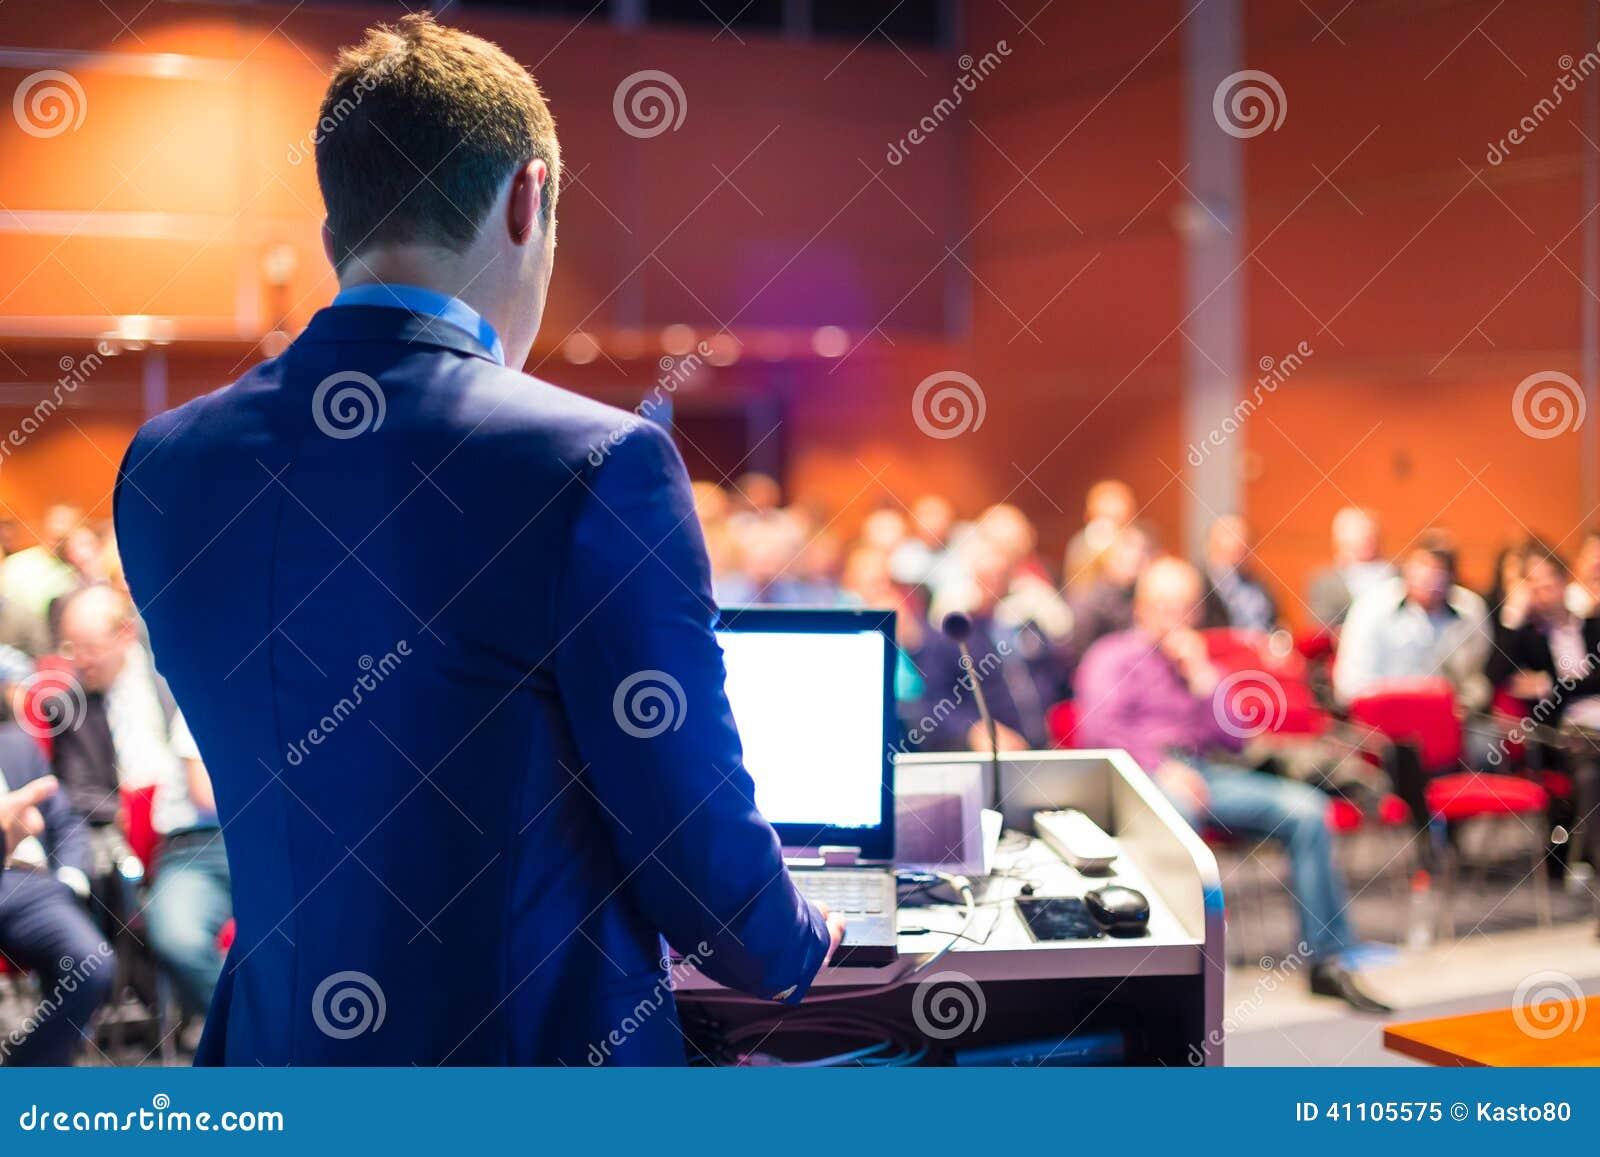 или докладчик озадачил слушателей на будущее такое термобелье